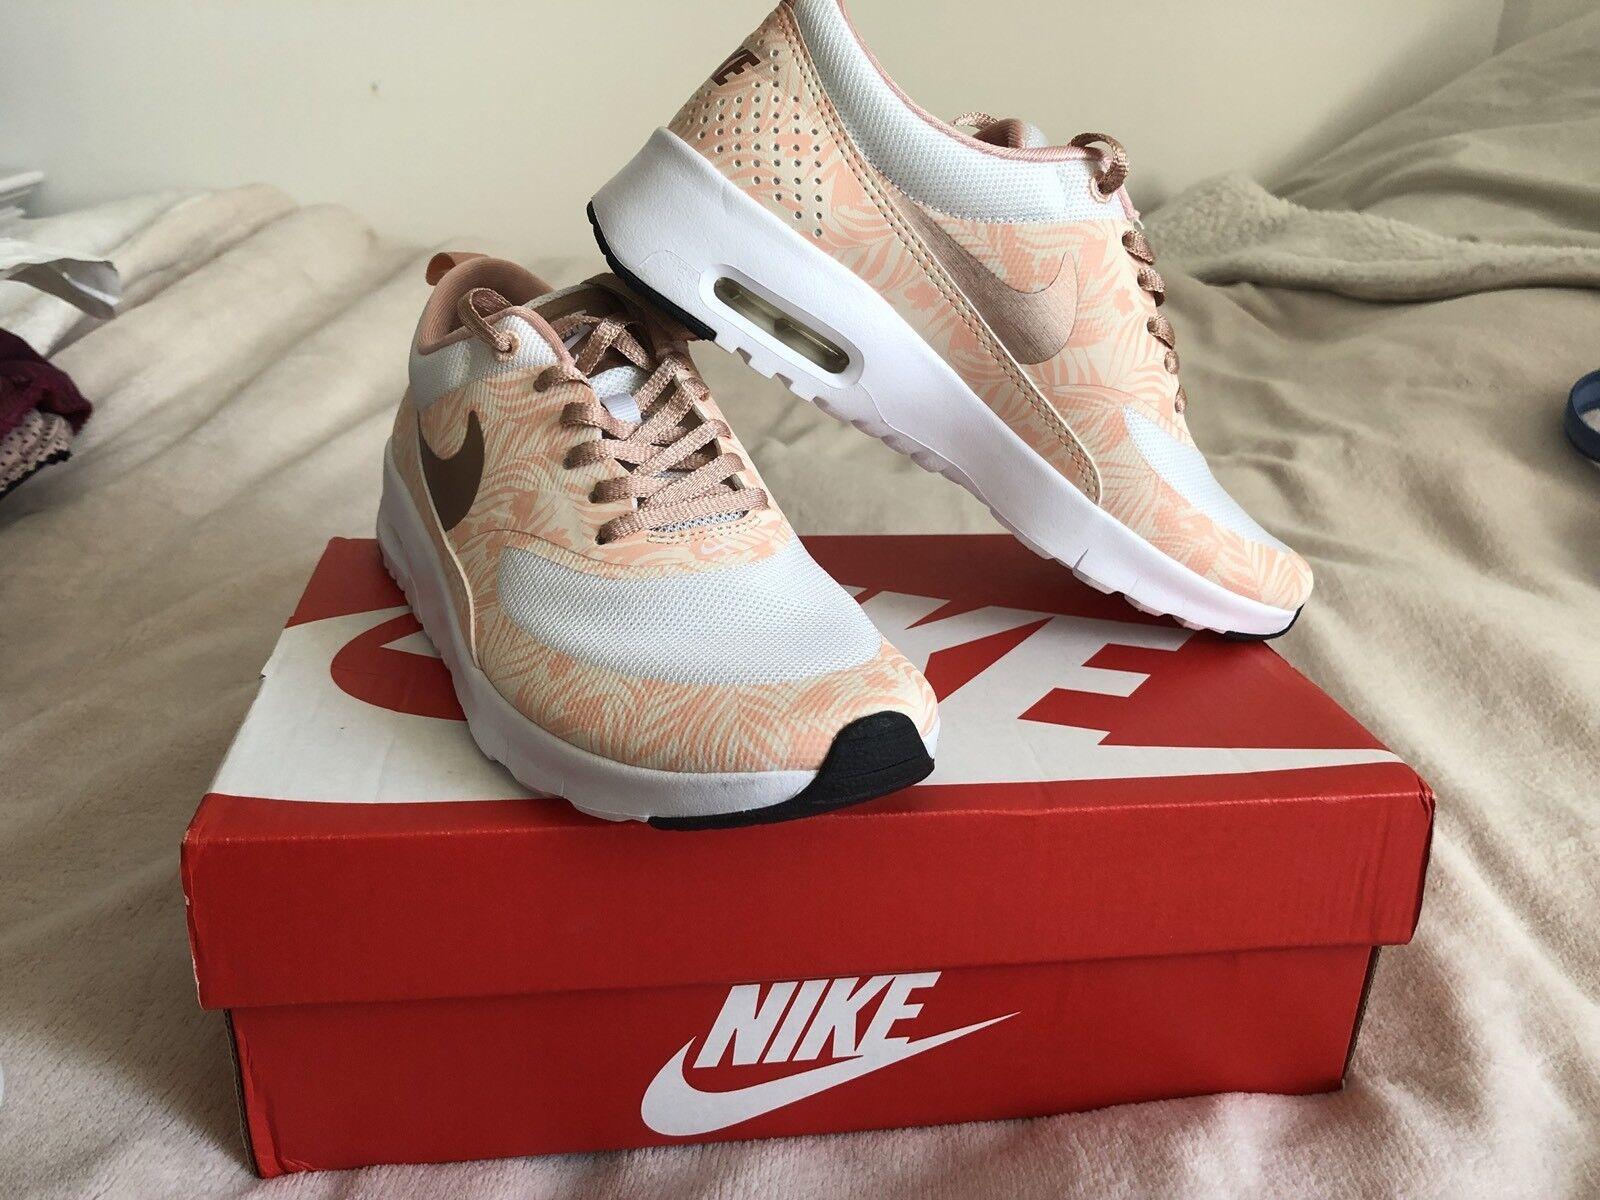 Nike Air Max Thea  4.5 UK 5Y